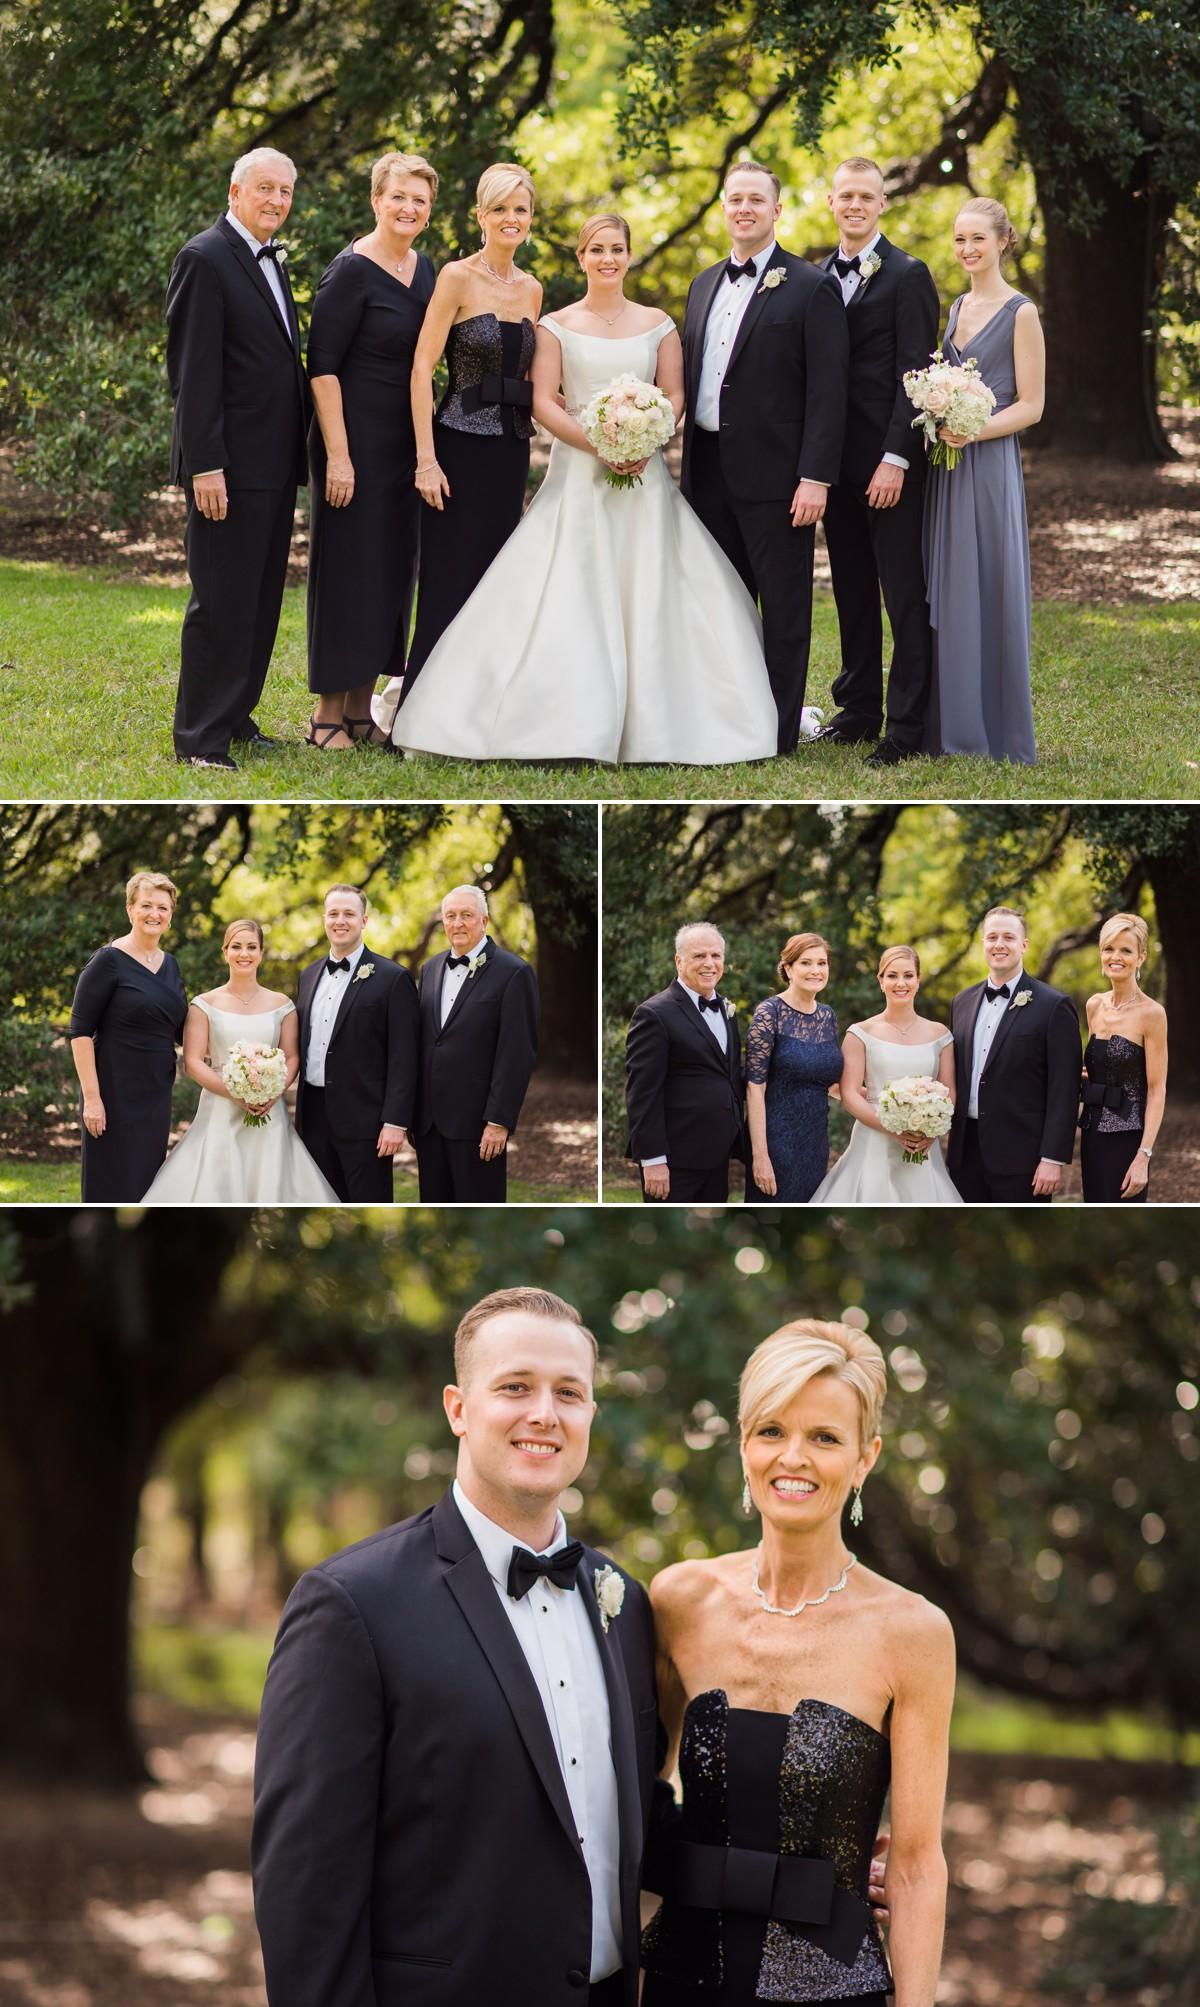 Wedding Photos of Lauren & Ben by Nate Messarra